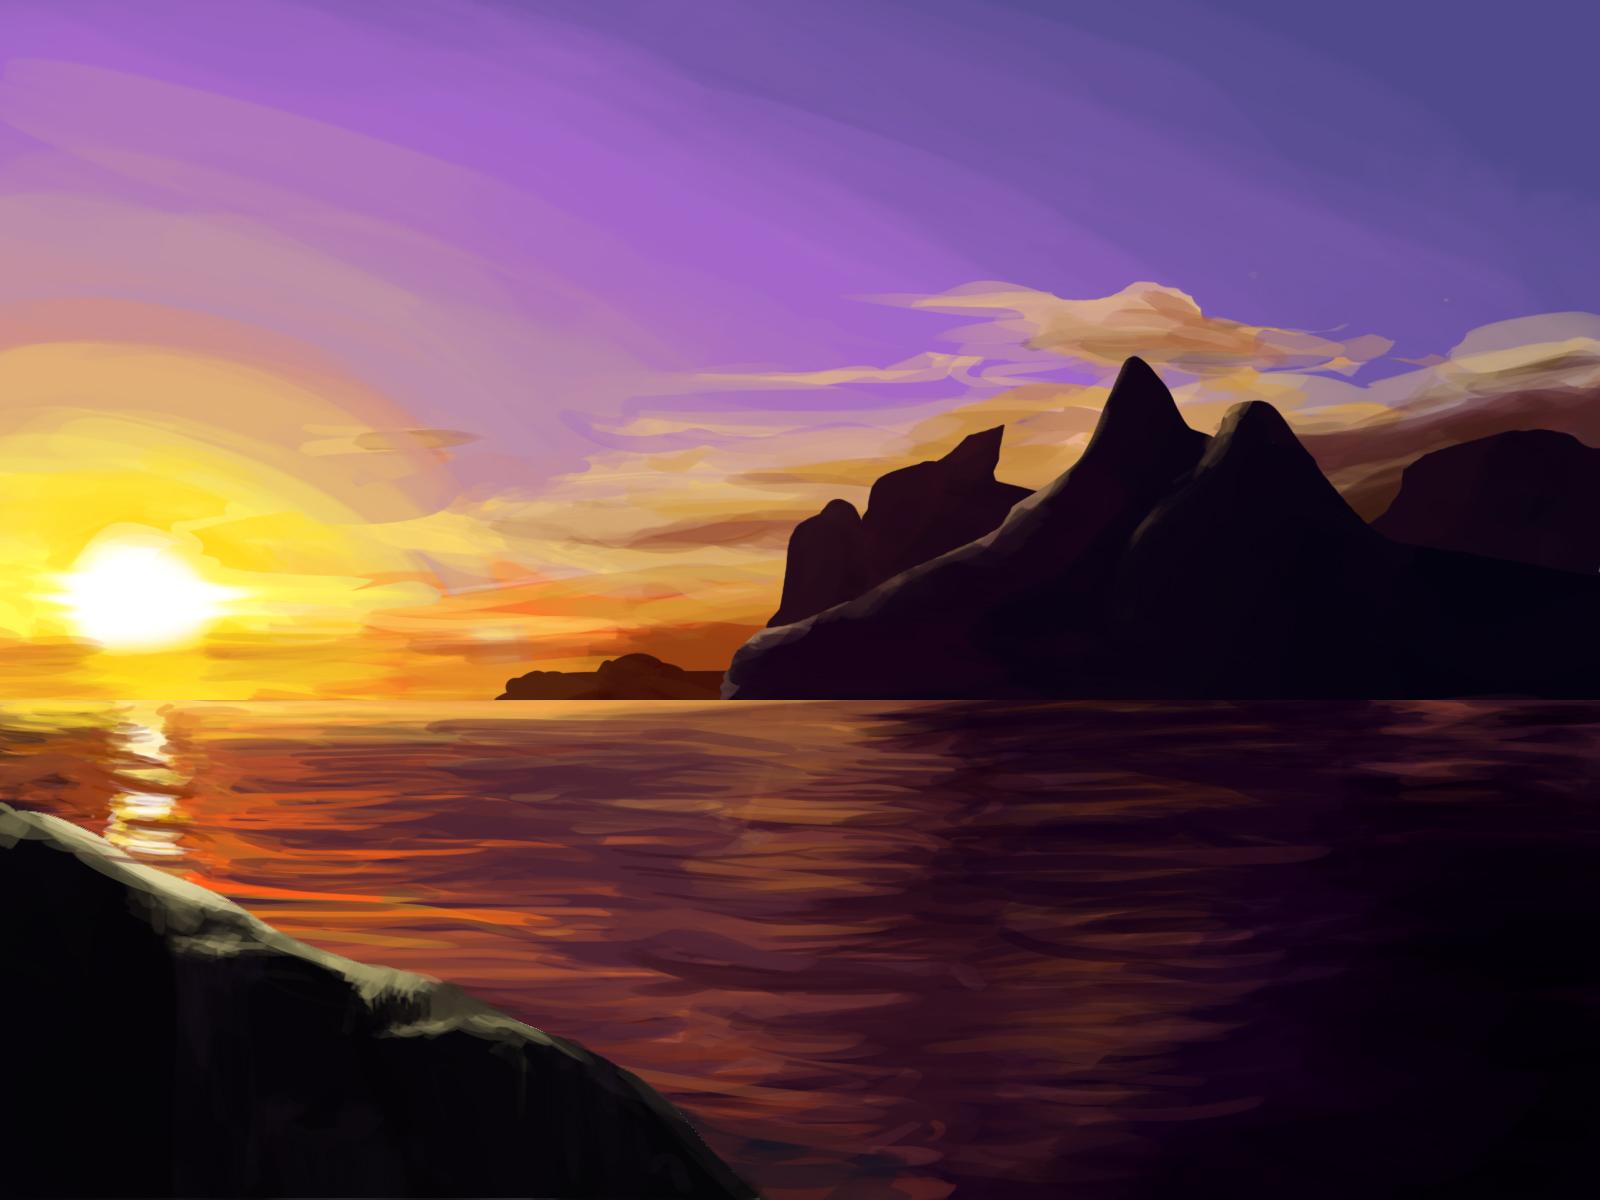 Sunset Wallpaper Sunset Sunrise